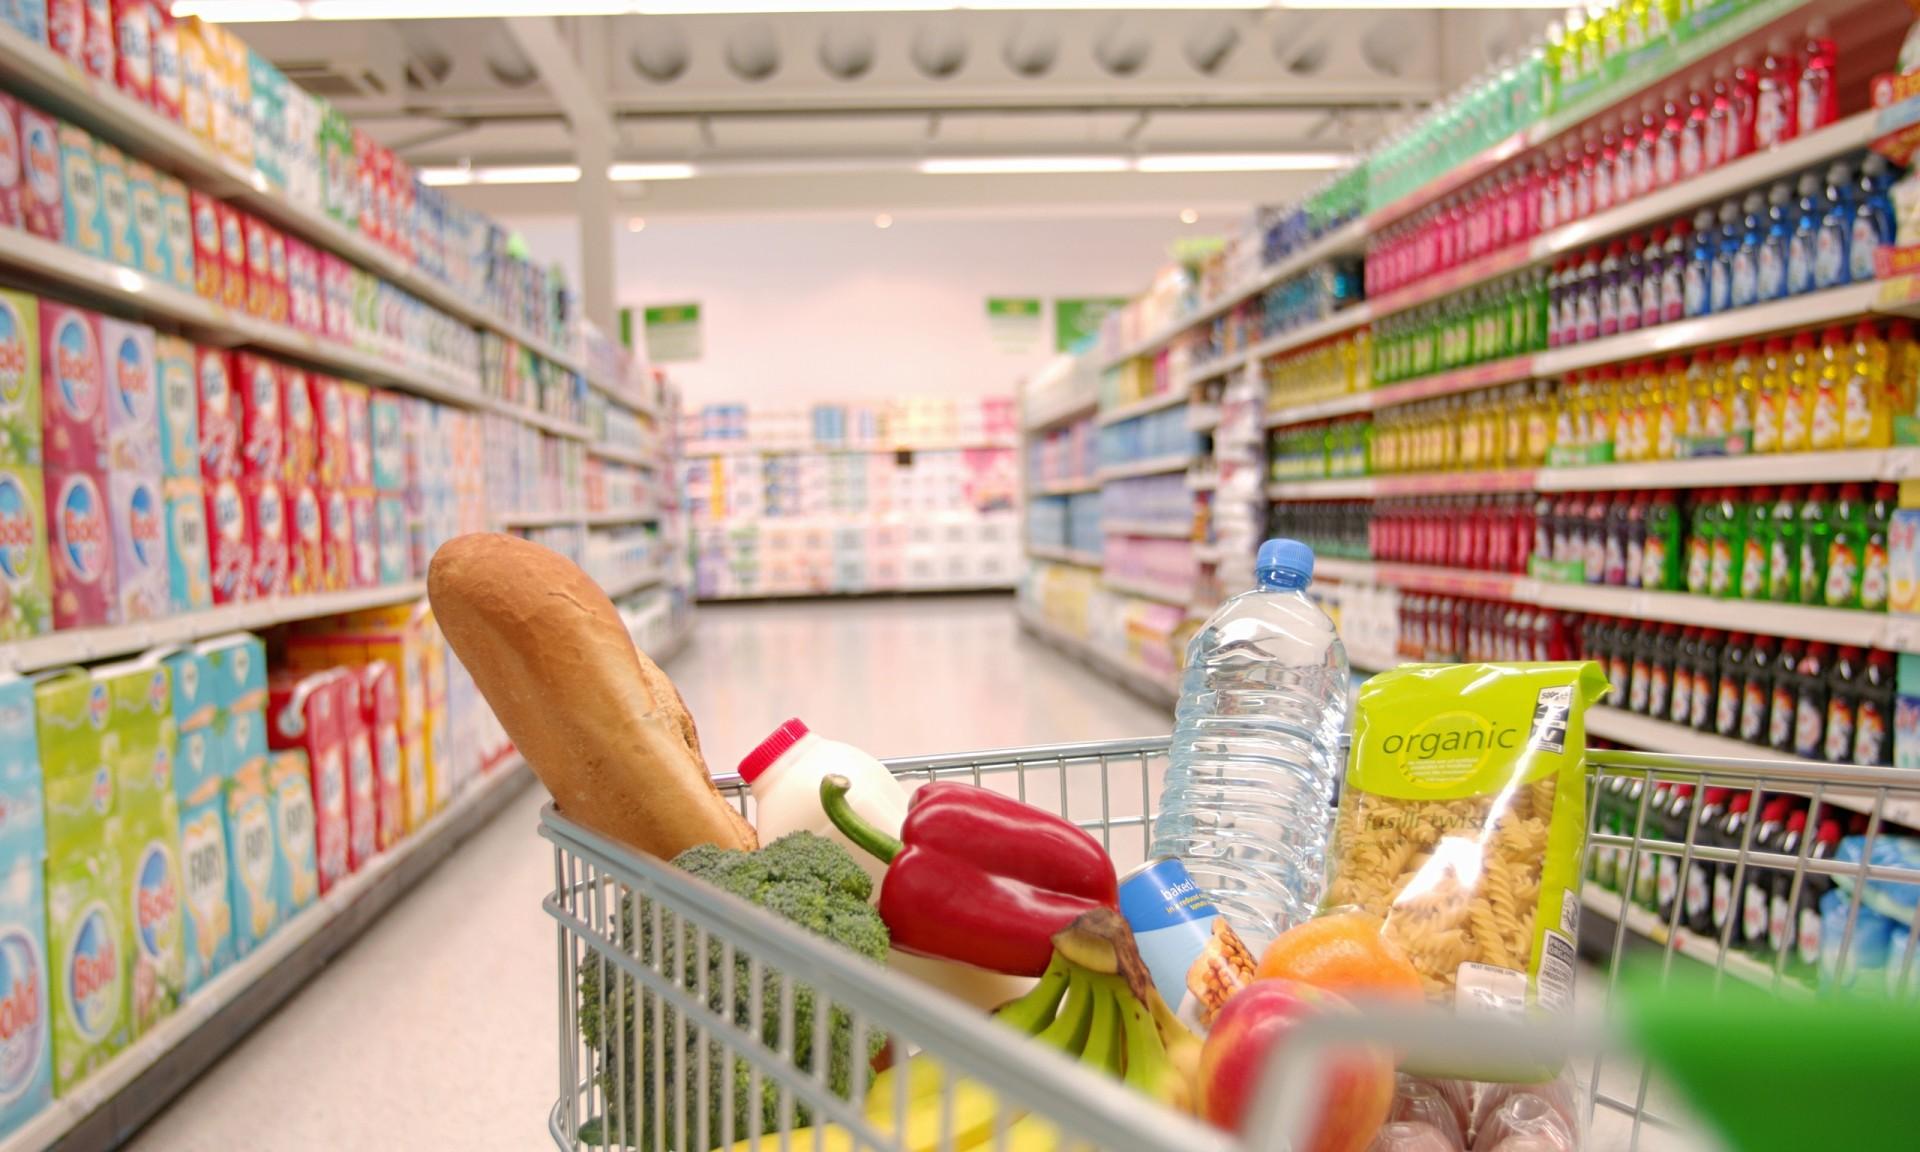 4 правила, которые позволят тратить на продукты не более 6 тысяч в месяц на человека